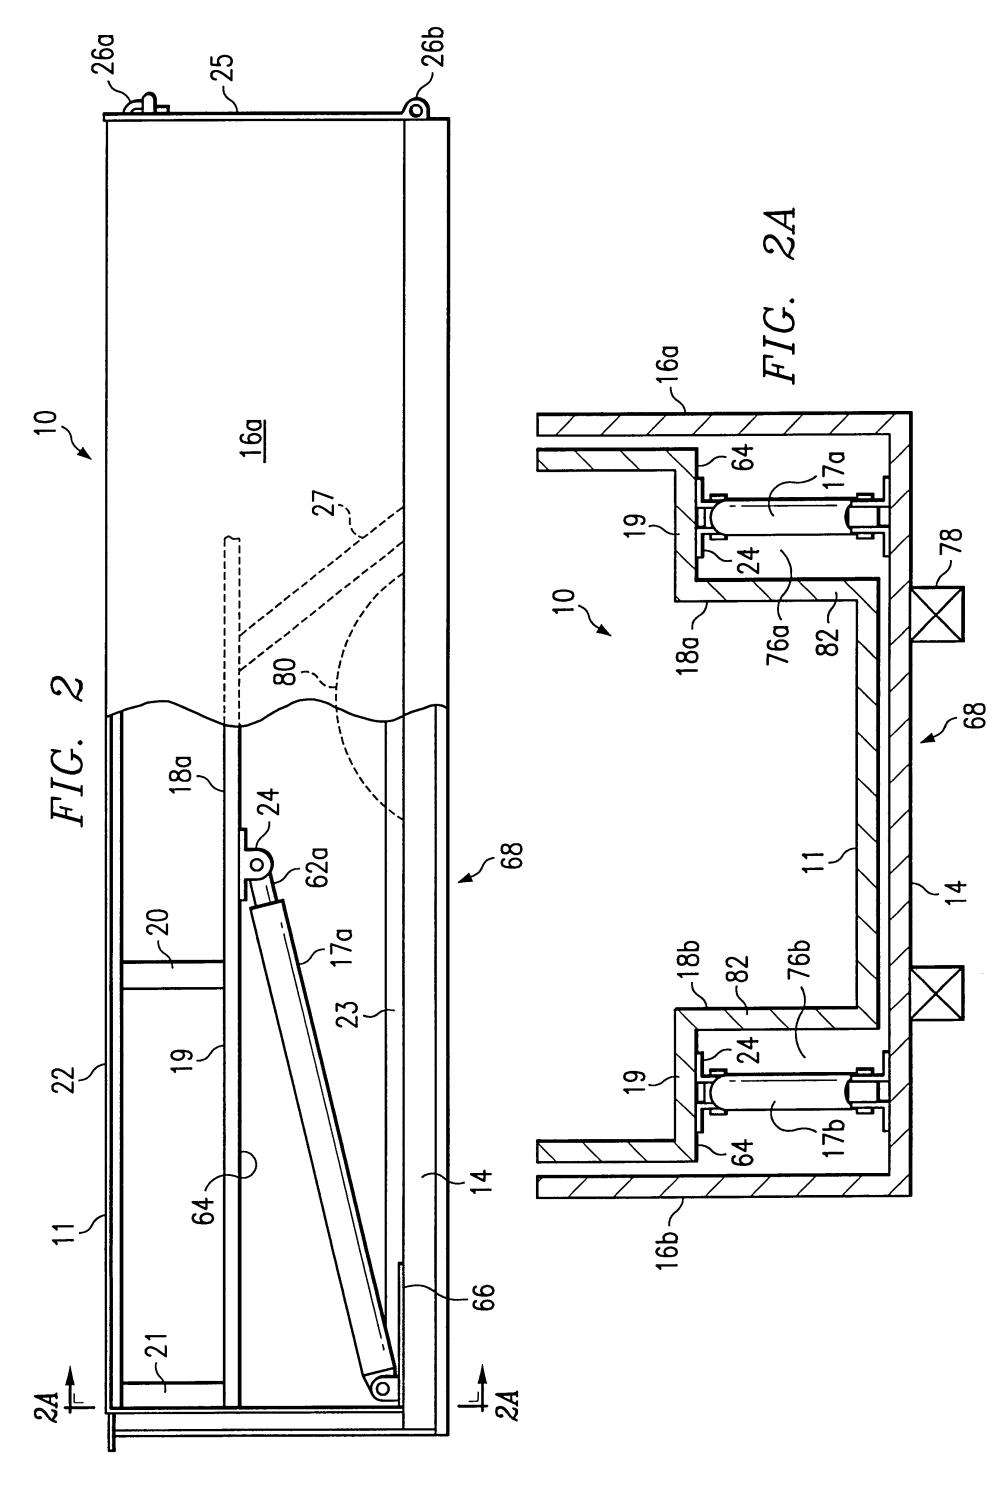 medium resolution of ez dump wiring diagram 19 sg dbd de u2022ez dumper wiring diagram 24 wiring diagram